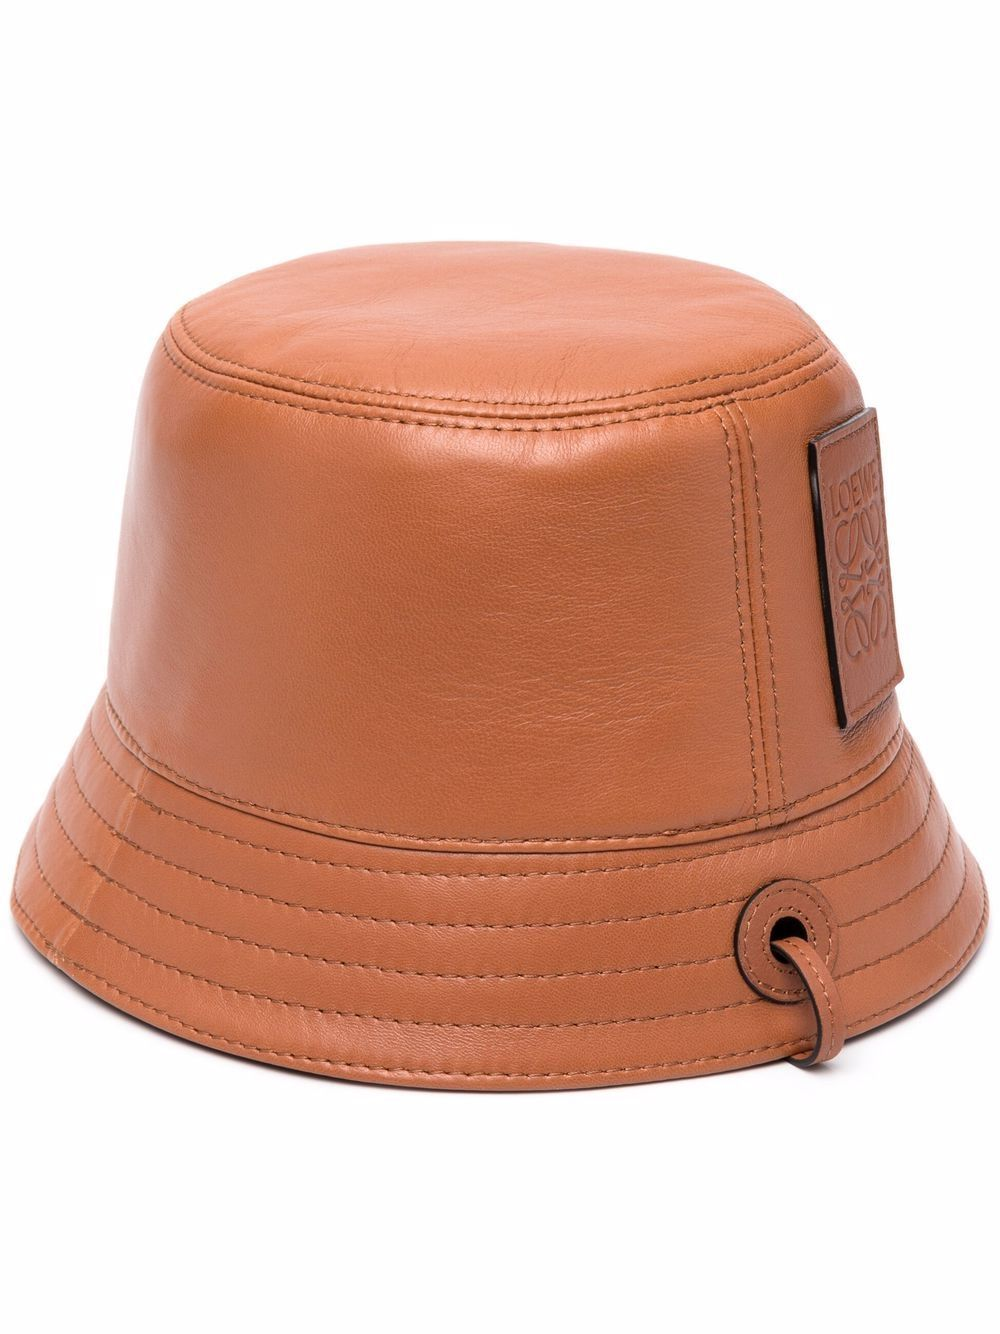 Cappello bucket in pelle